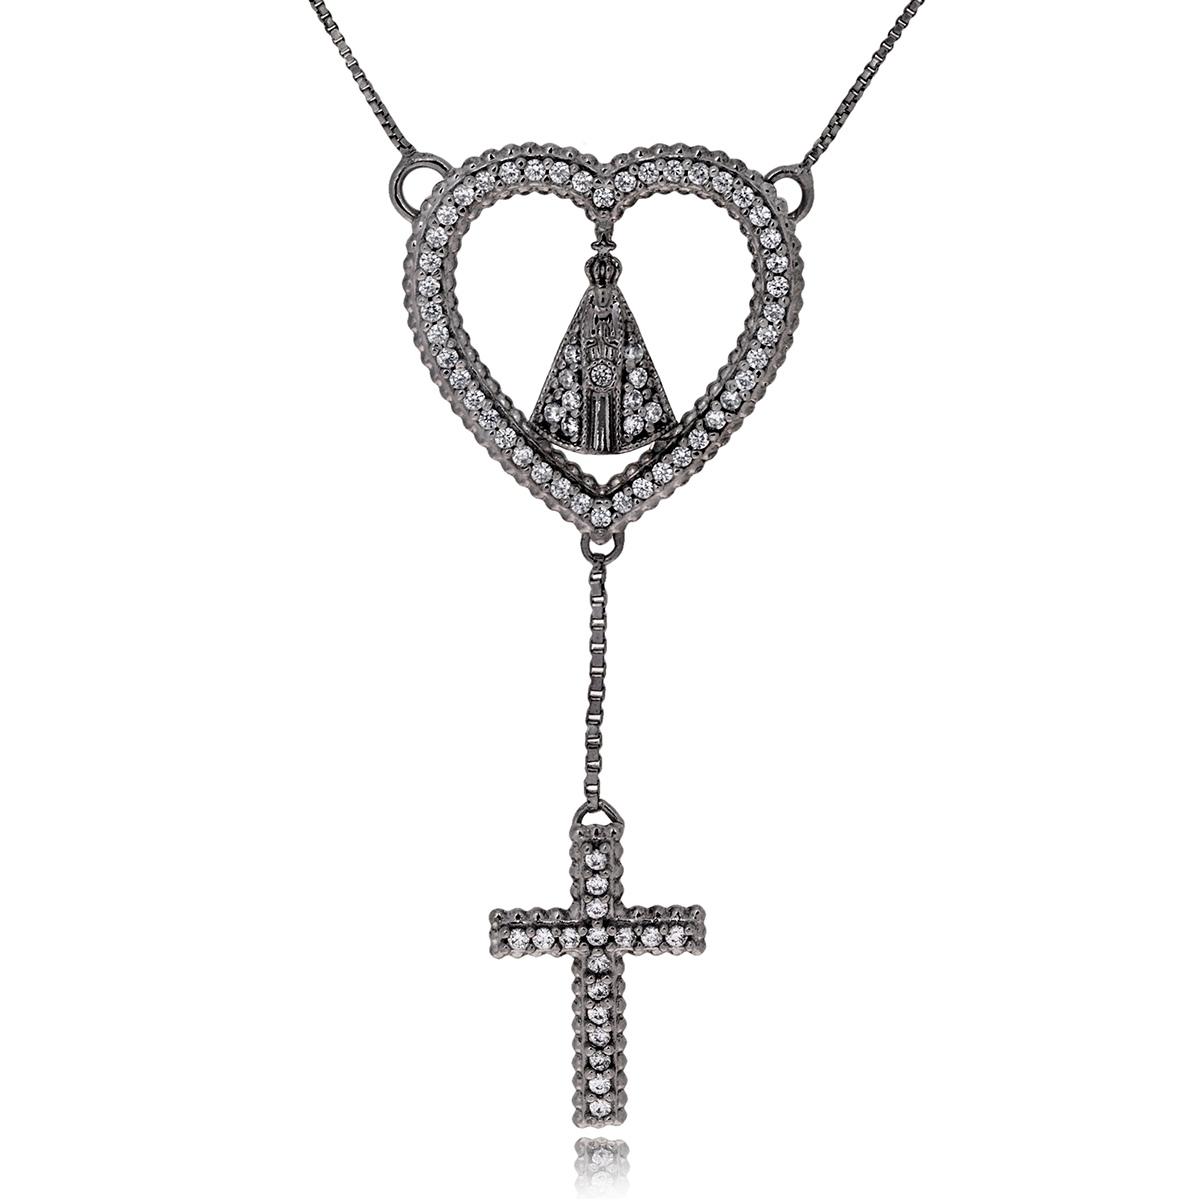 Colar Religioso Nossa Senhora Aparecida Semijoia em Ródio Negro com Micro Zircônia Branca  - Soloyou